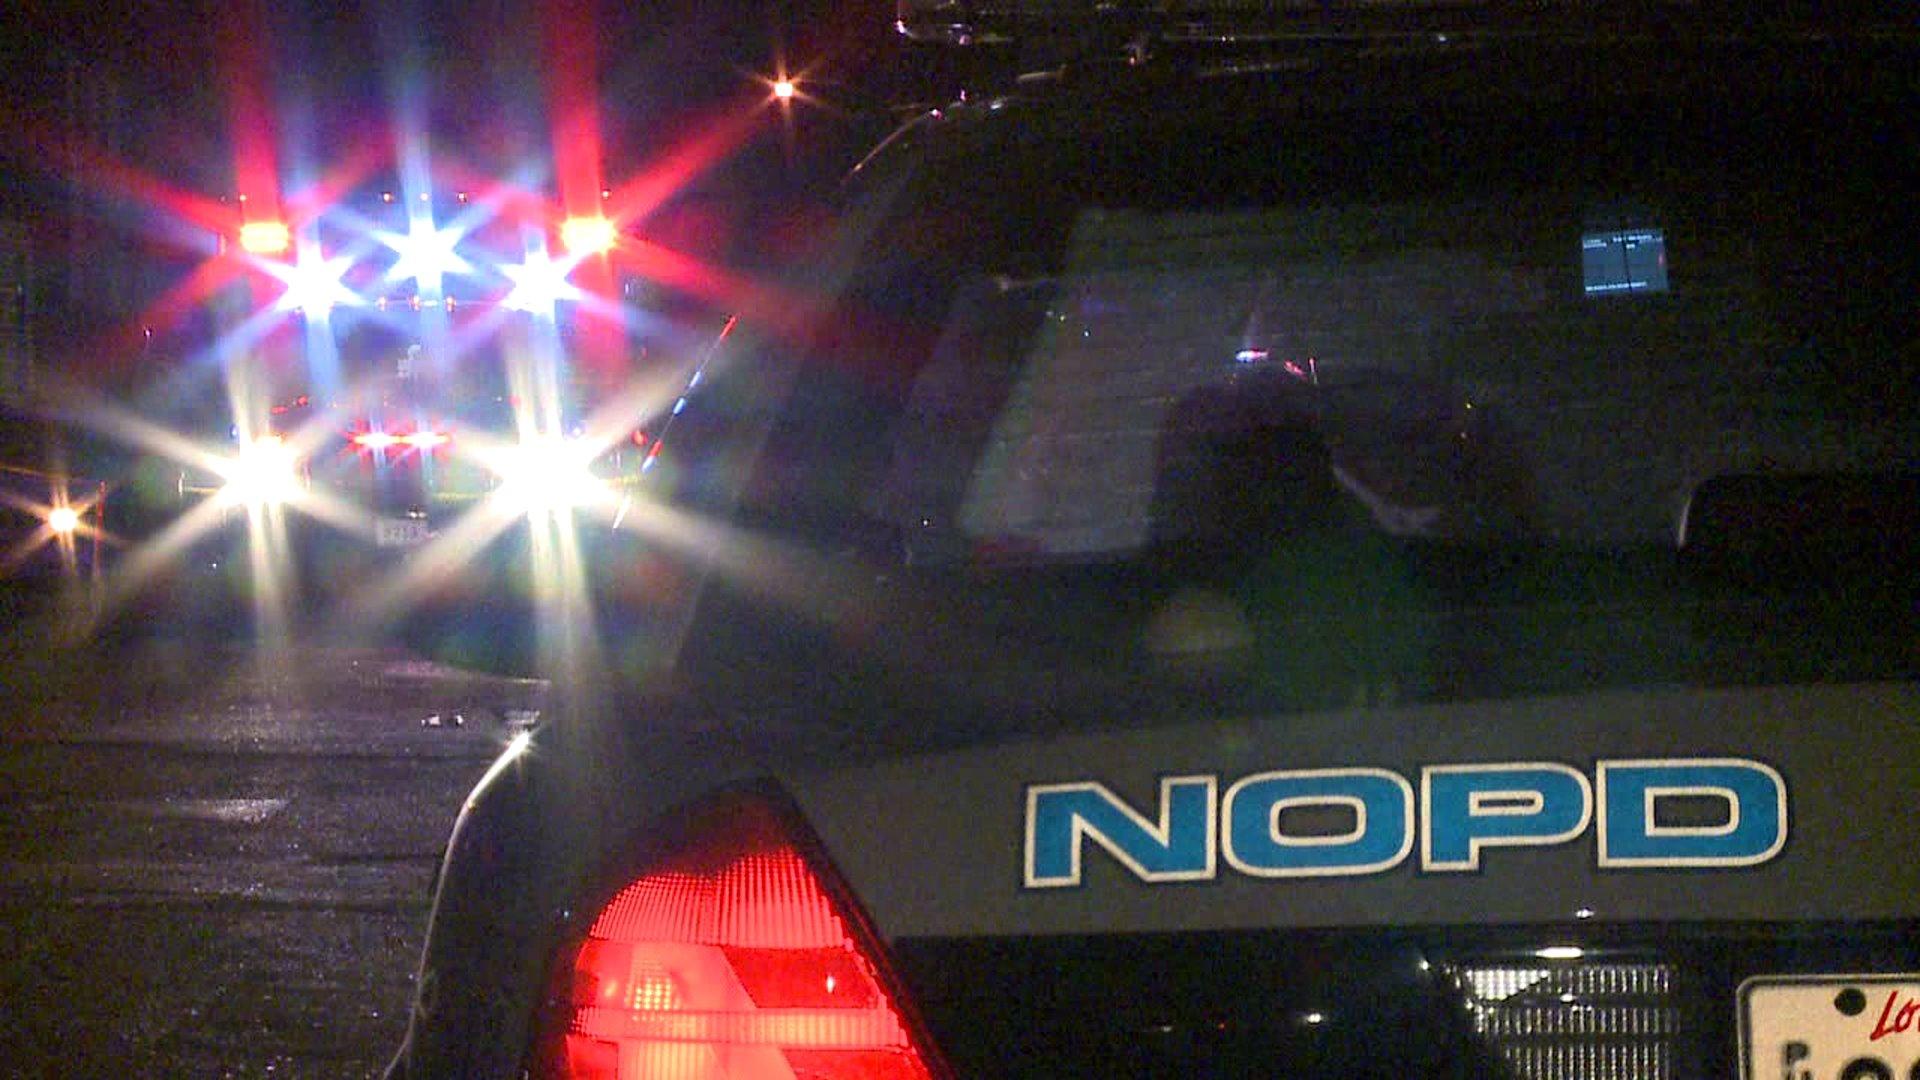 NOPD squad car